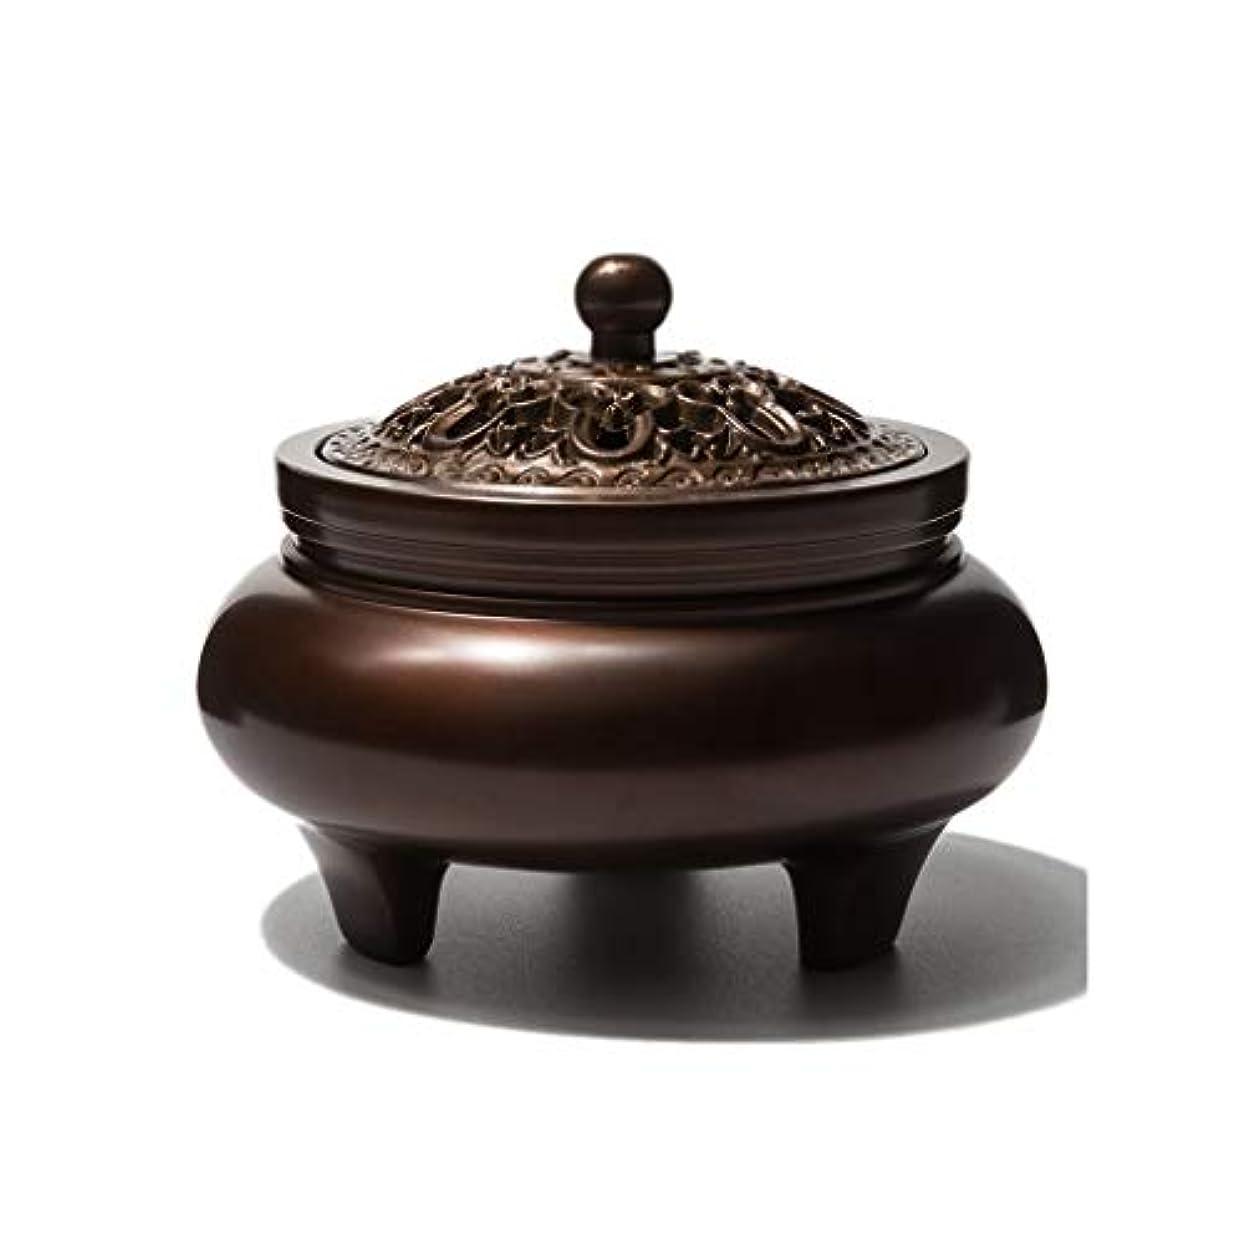 に沿ってきれいに行ホームアロマバーナー 銅香バーナーアロマテラピーホルダー純粋な銅茶道白檀炉屋内香バーナーレトロノスタルジア11.5センチ* 7.8センチ* 9センチ アロマバーナー